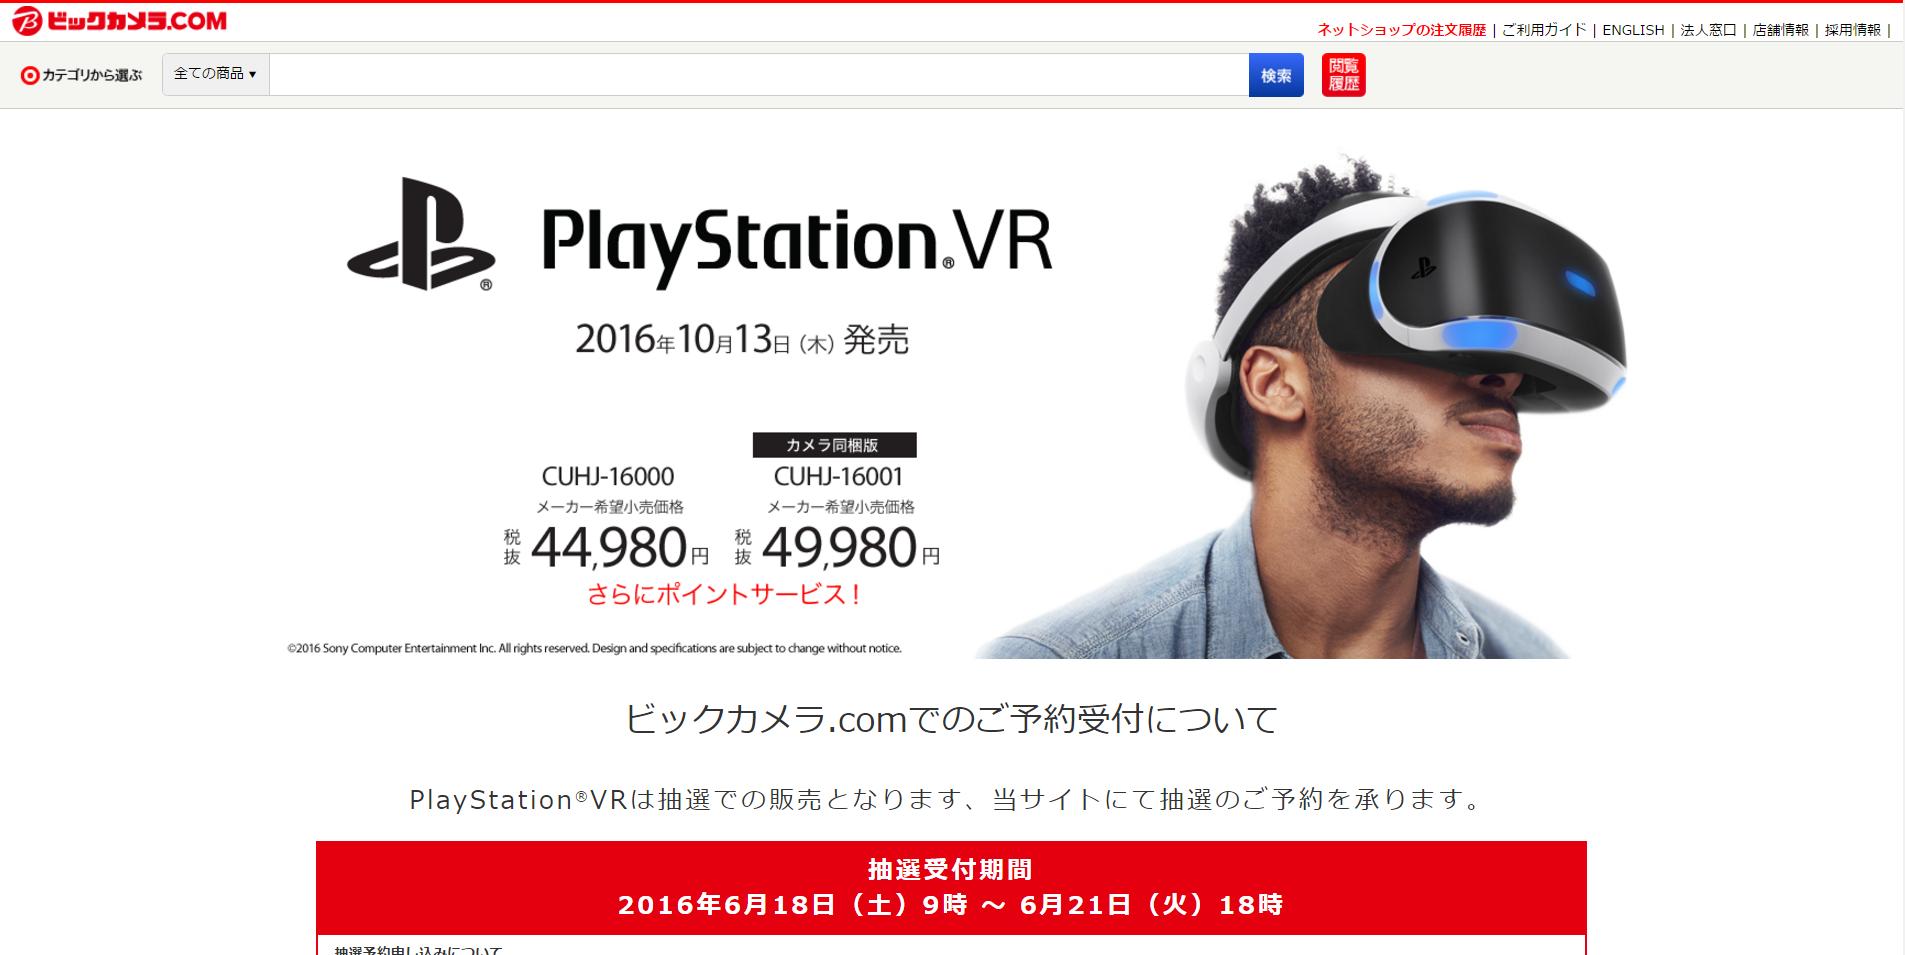 PlayStationVR 予約 ビッグカメラ.com